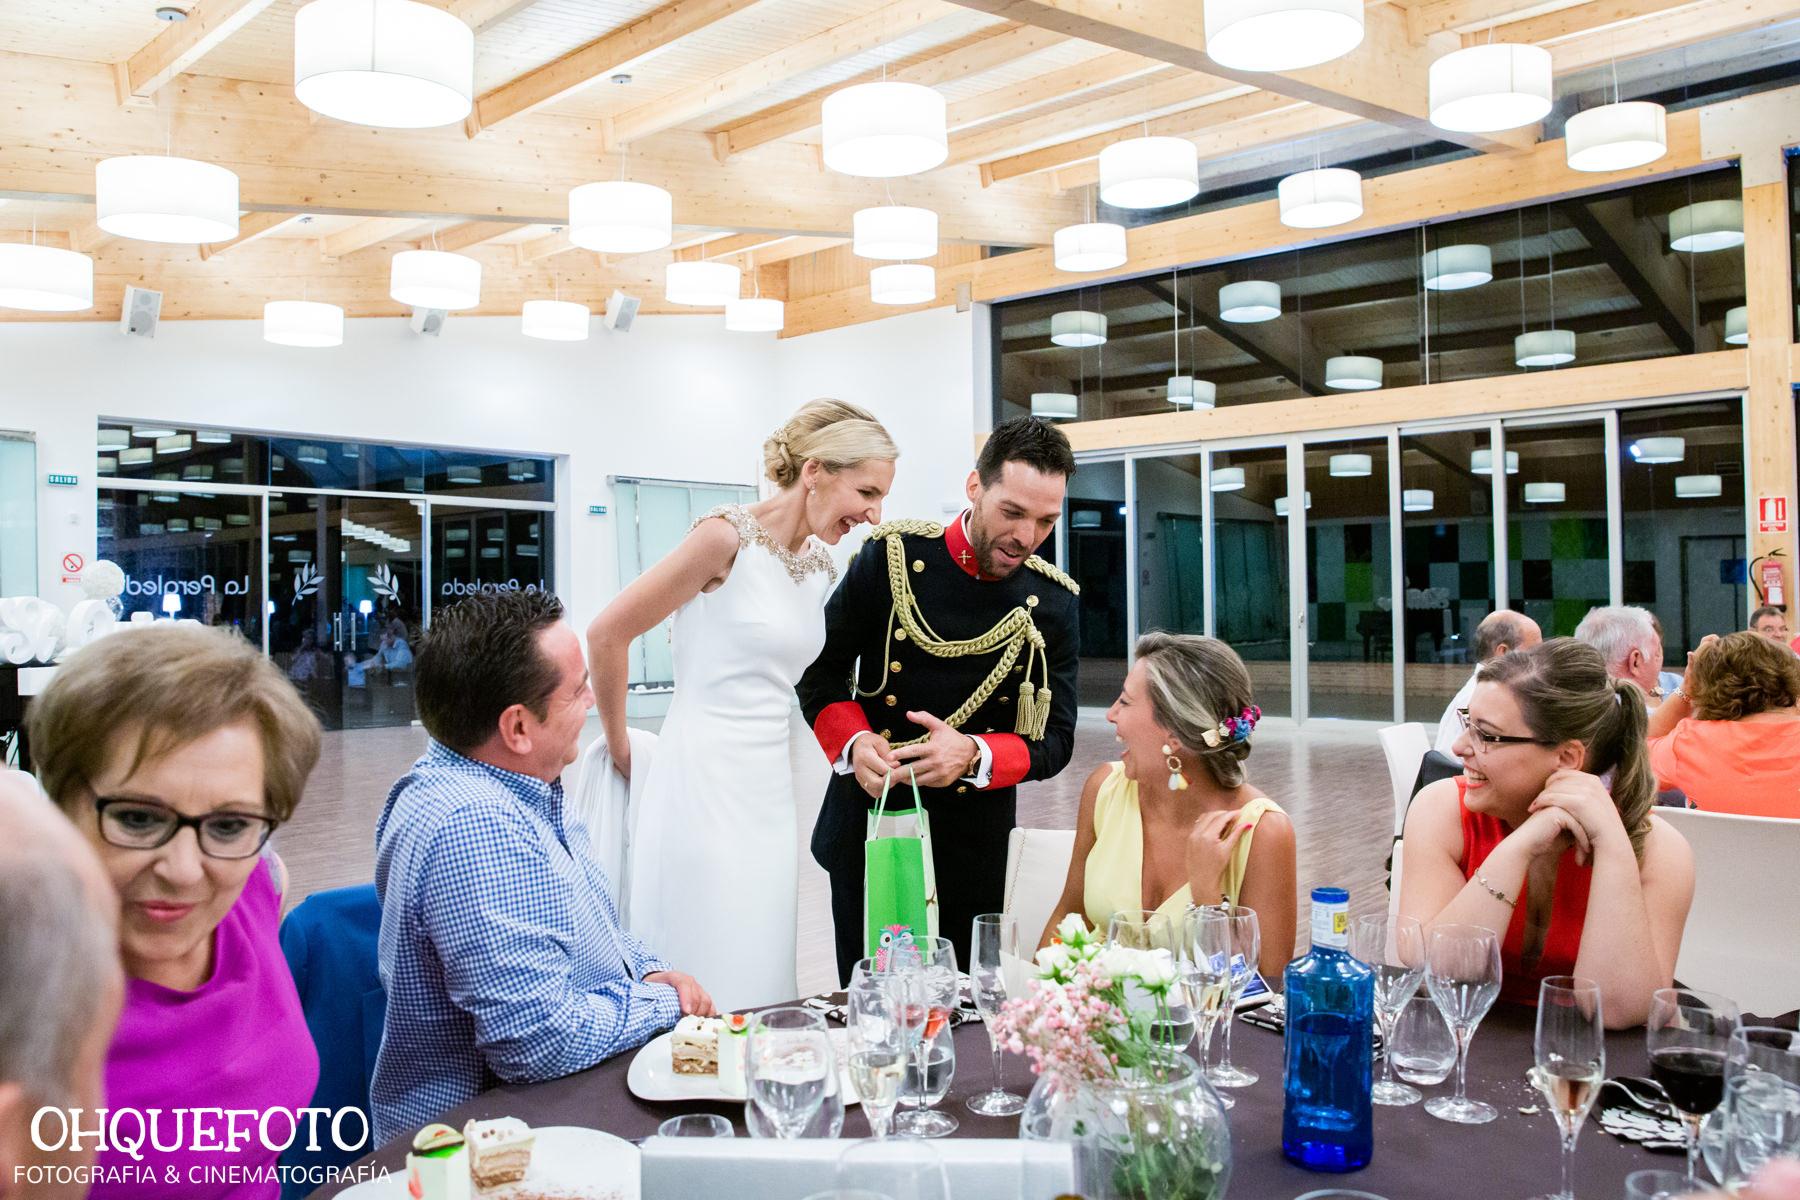 boda en la peraleda boda en cabeza del buey boda en capilla reportaje de bodas en almaden video de bodas en cordoba489 - Jose y Gema - Boda en Zarza Capilla y la Finca La Peraleda (Chillón)